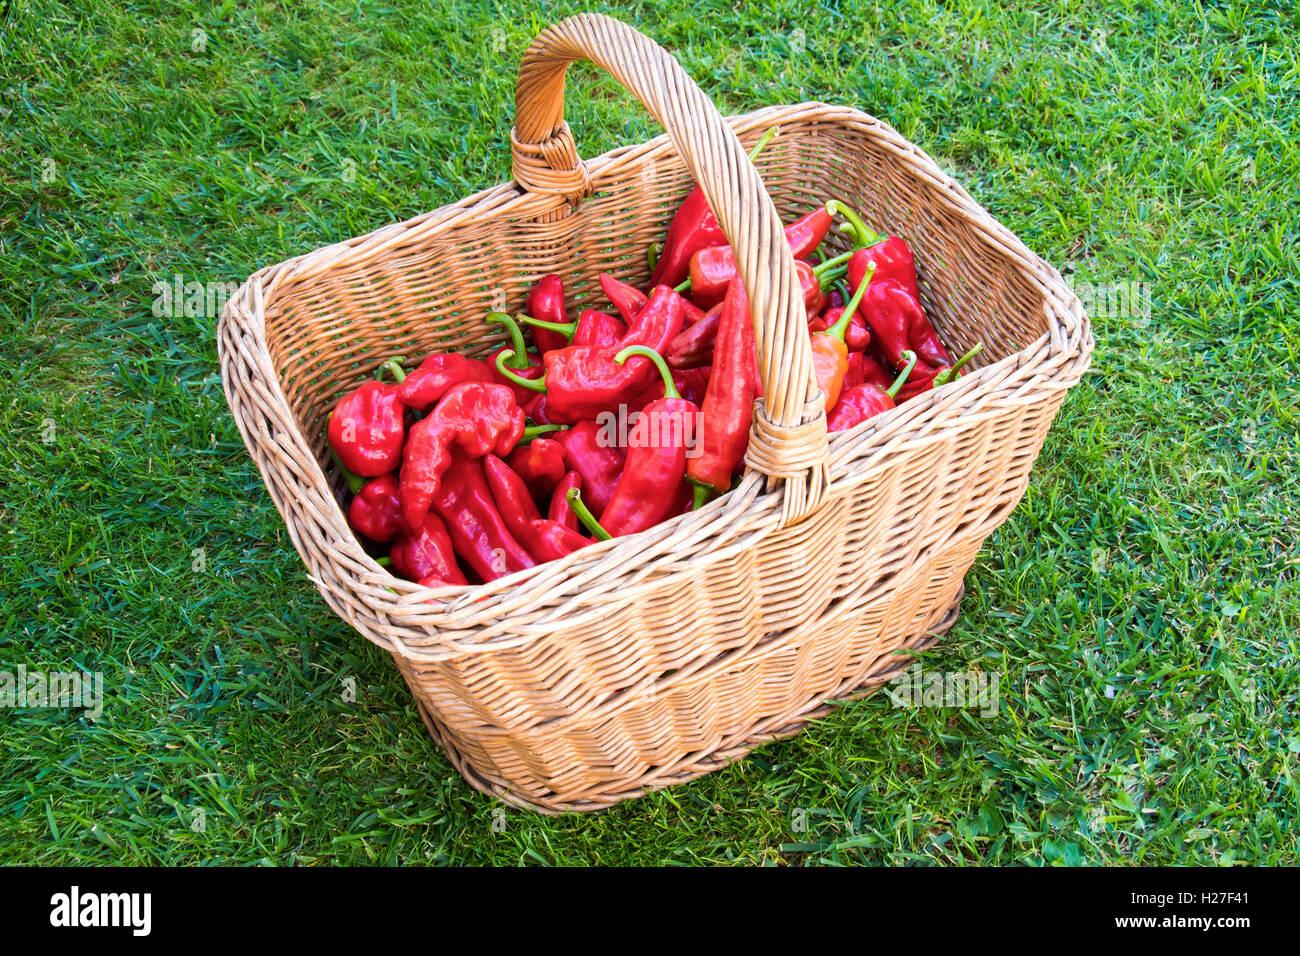 Poivre rouge de l'agriculture biologique dans un panier fait de brindilles sur une herbe. Photo Stock